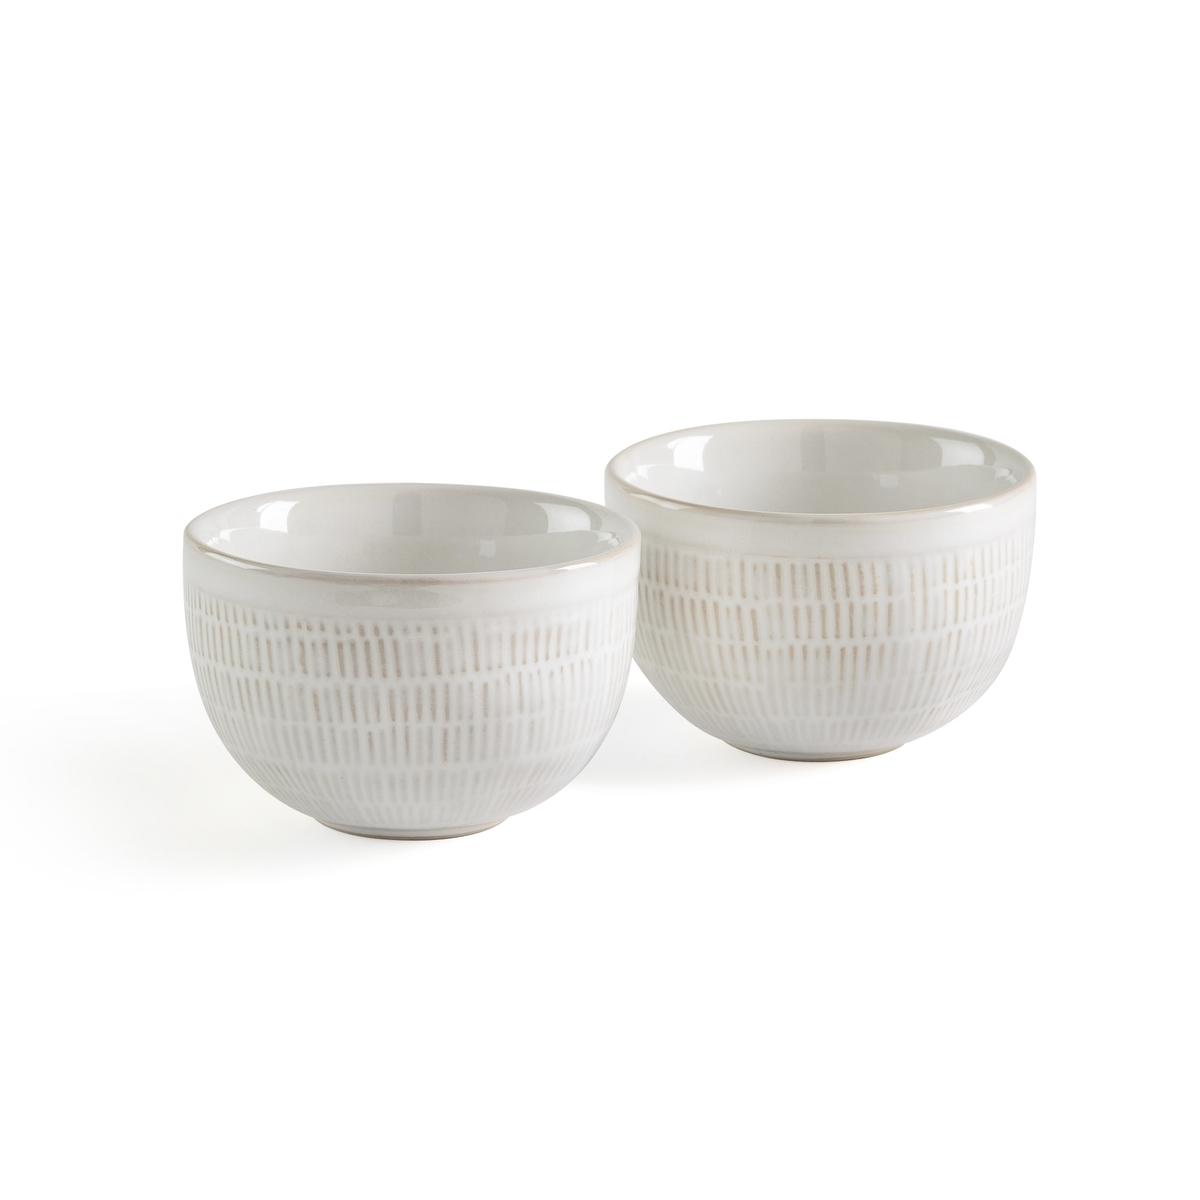 Чашка эмалированная LOKJI (2 шт.)